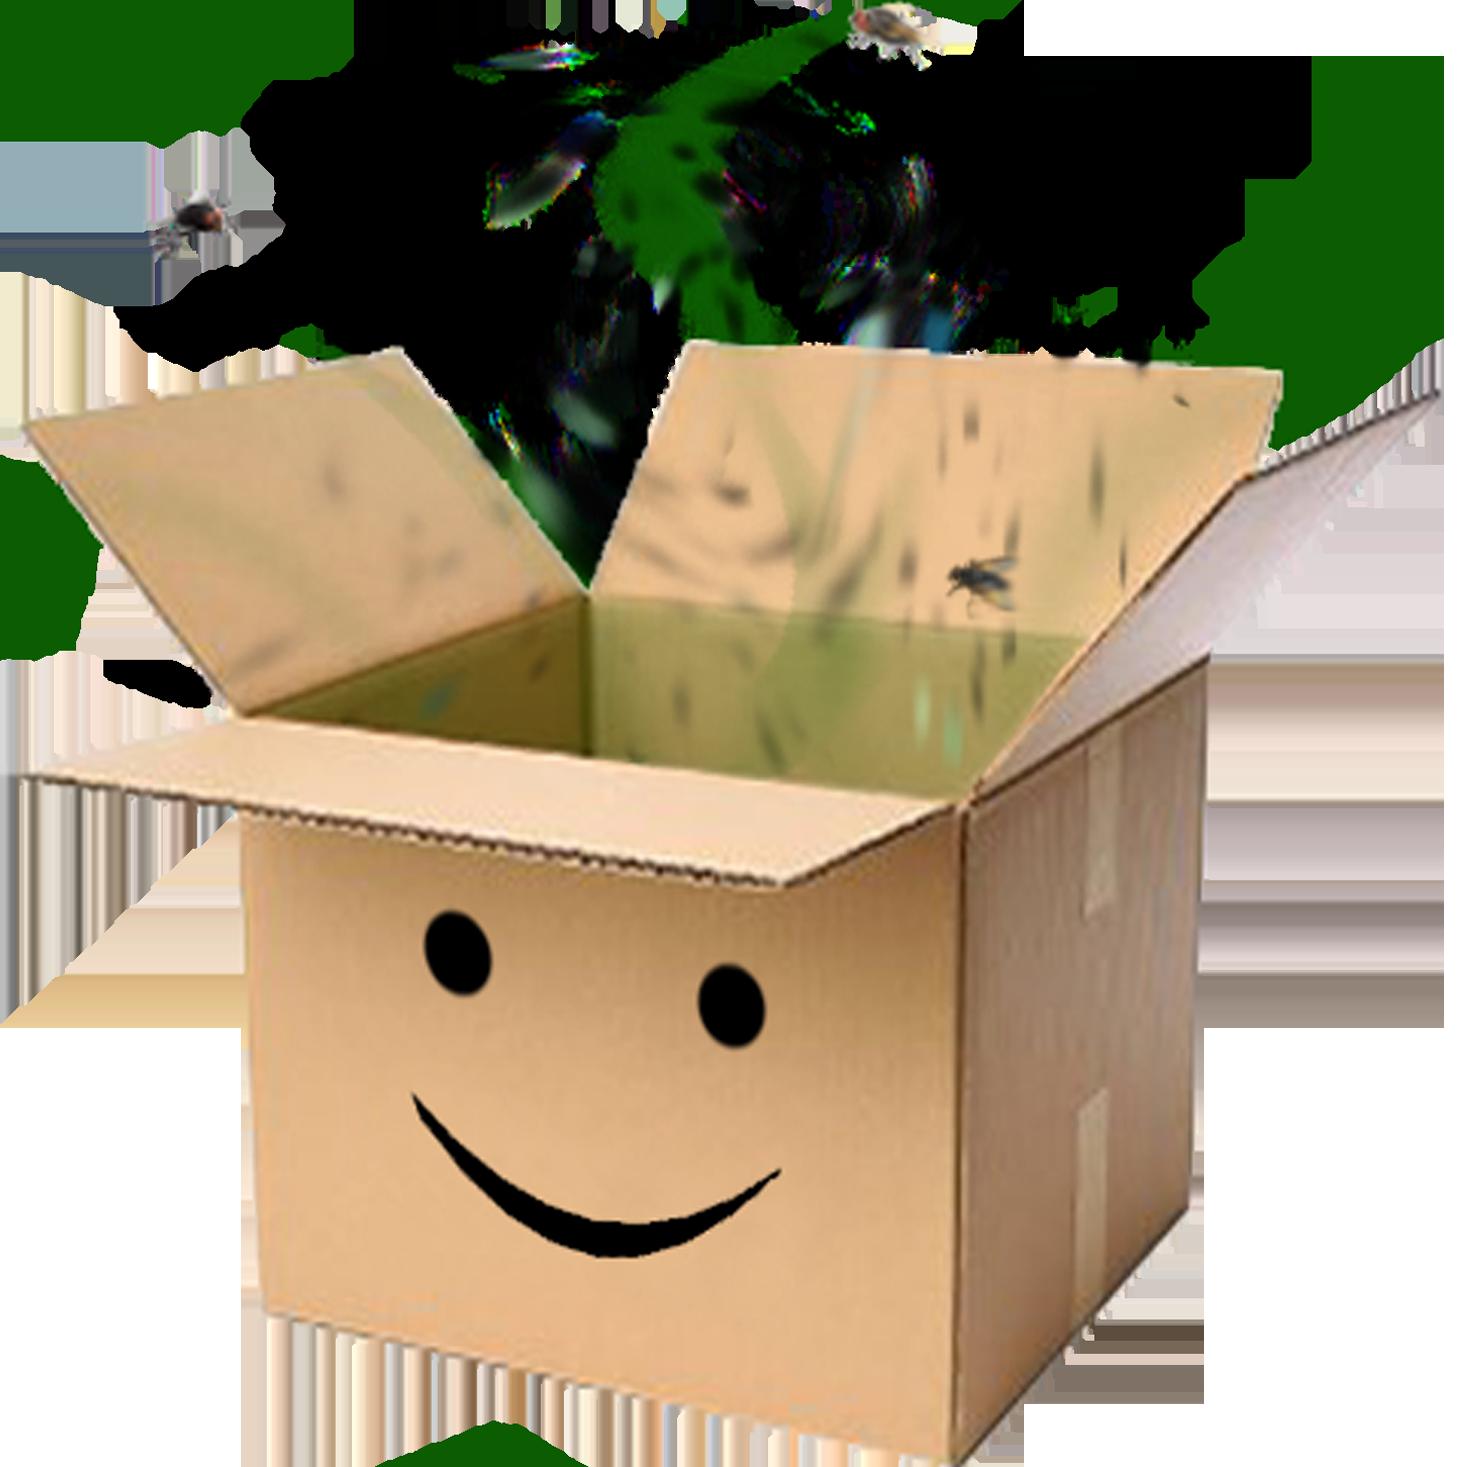 Sticker other carton odeur sourire content puant boite box affreux malade mouche sale cartonfag avenoel